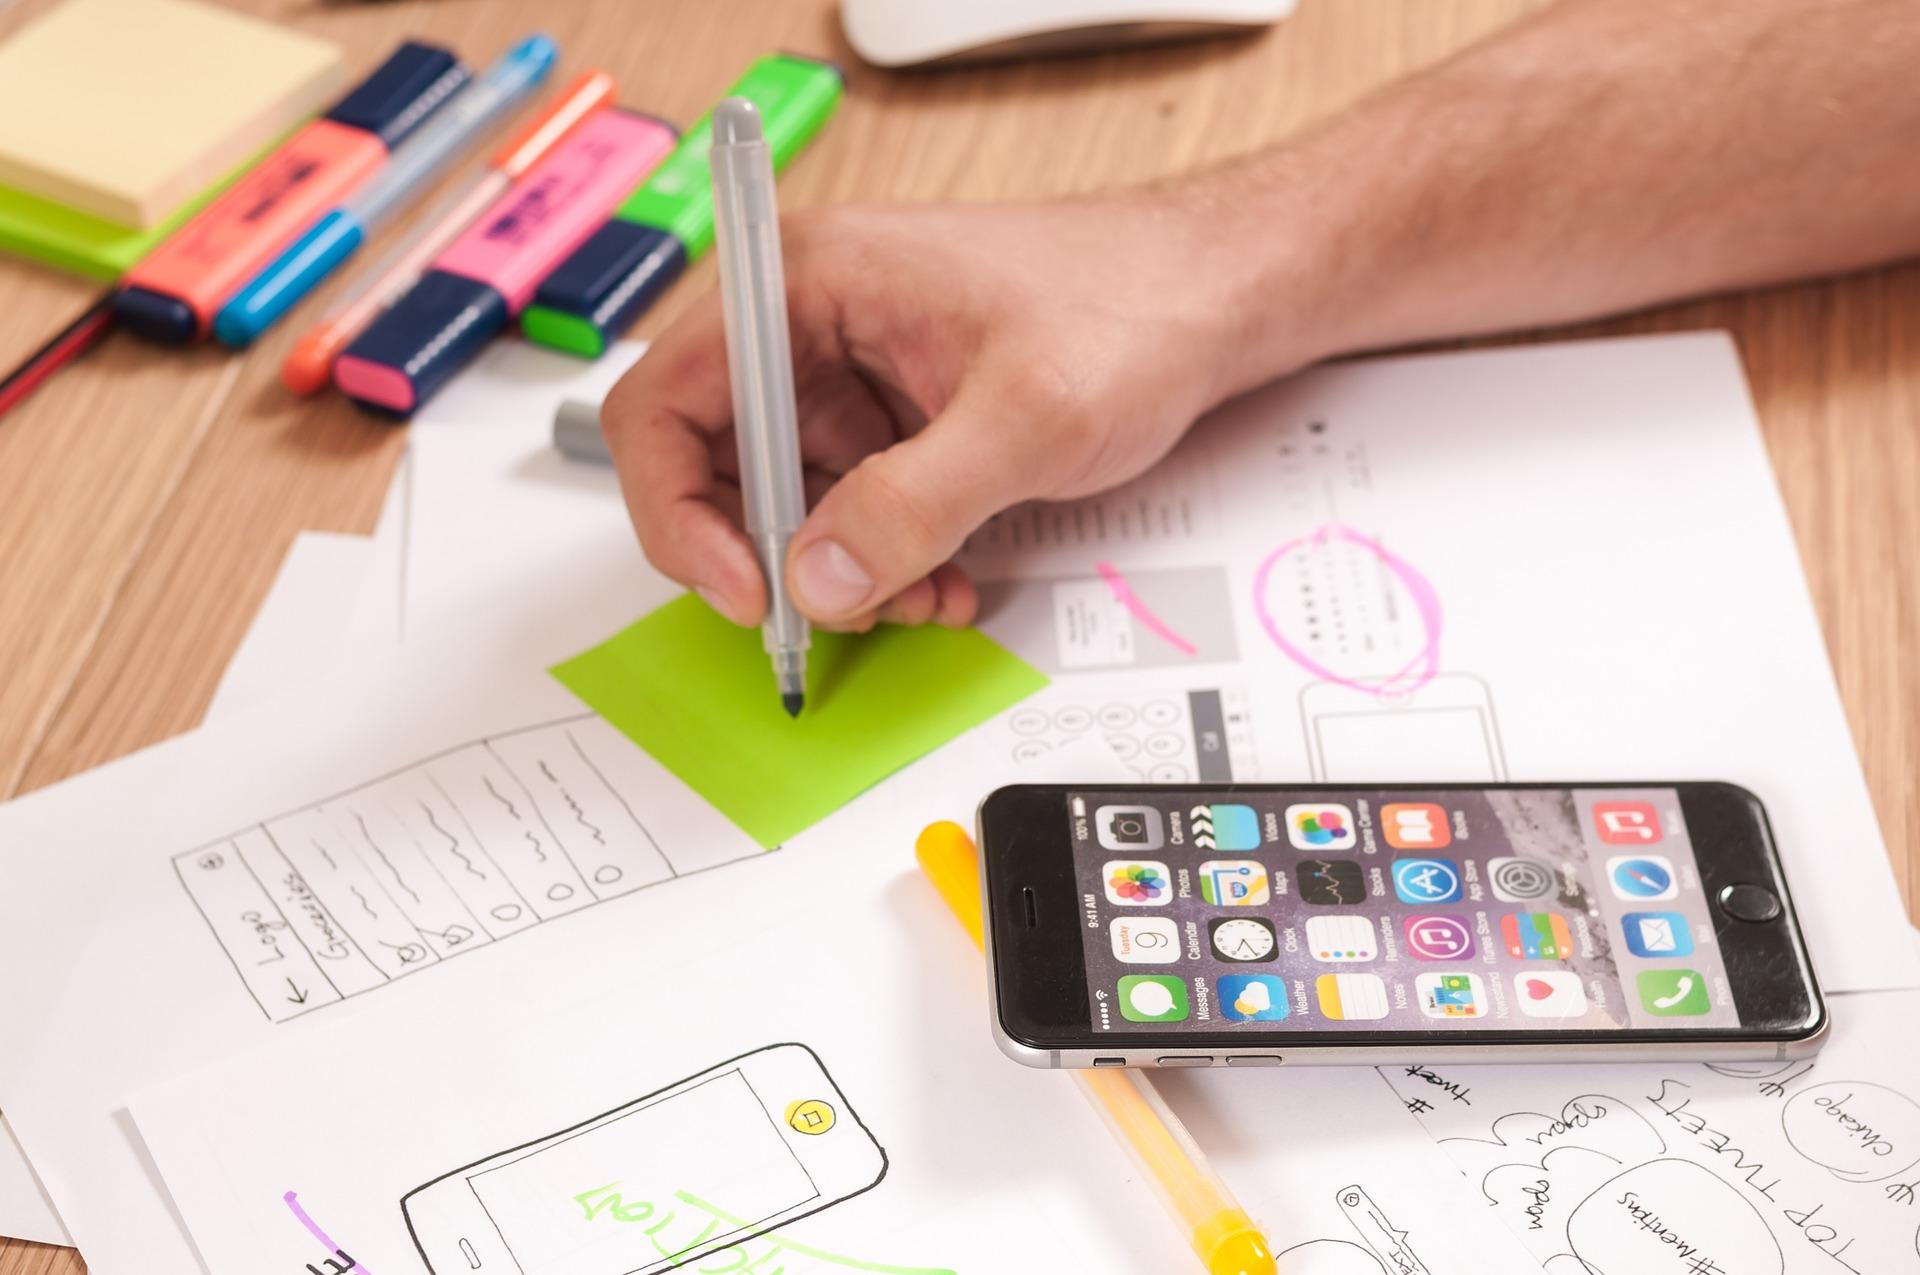 ux-design-lcwebcom